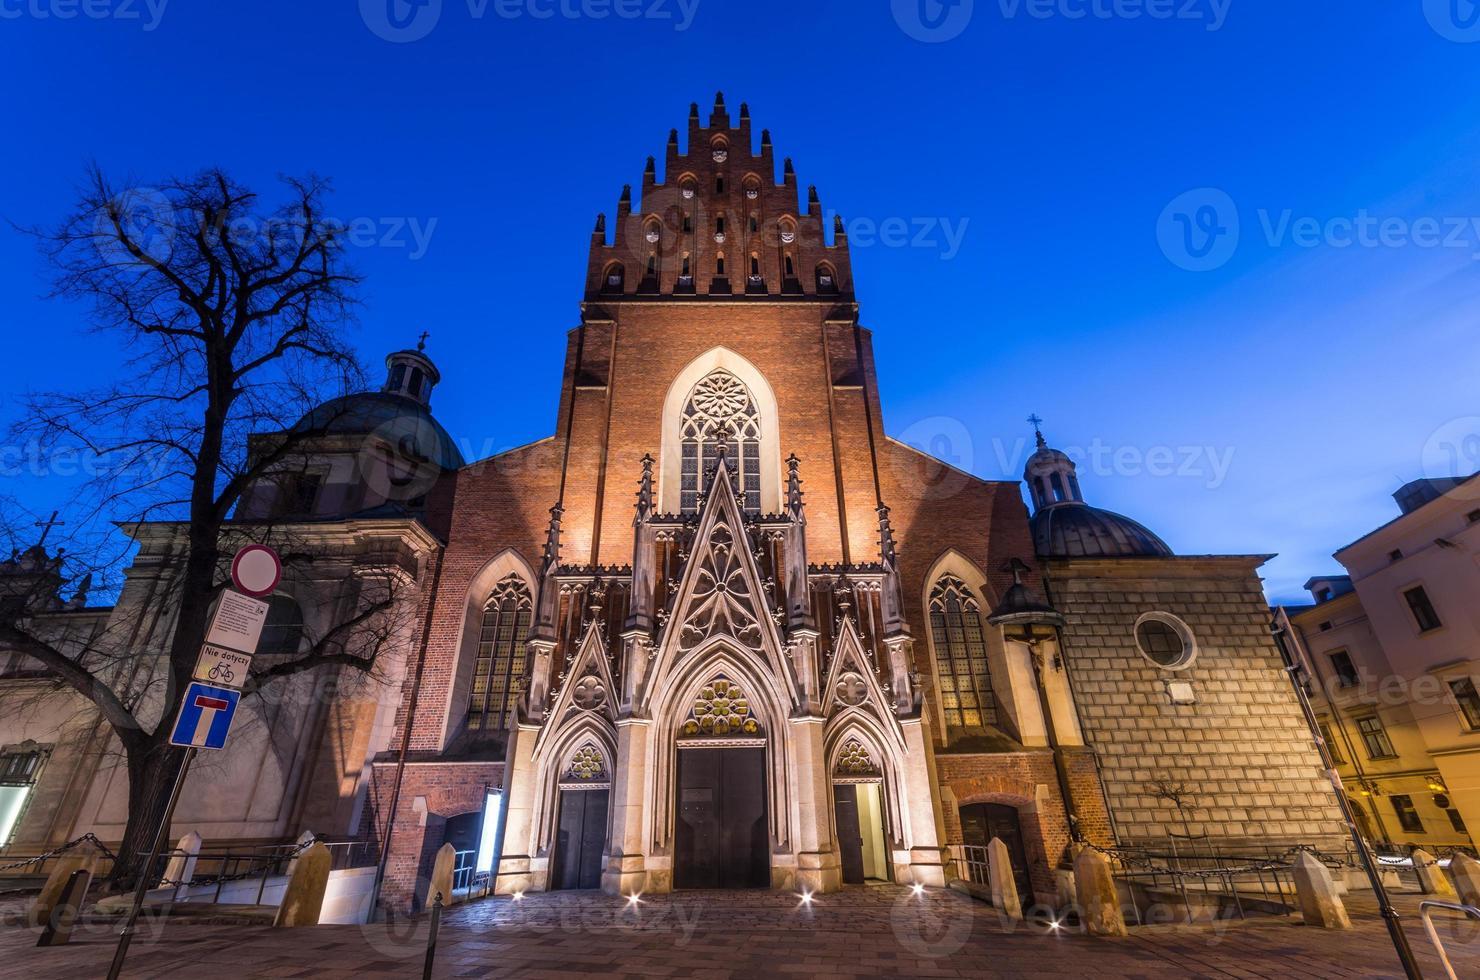 chiesa della santa trinità a cracovia foto